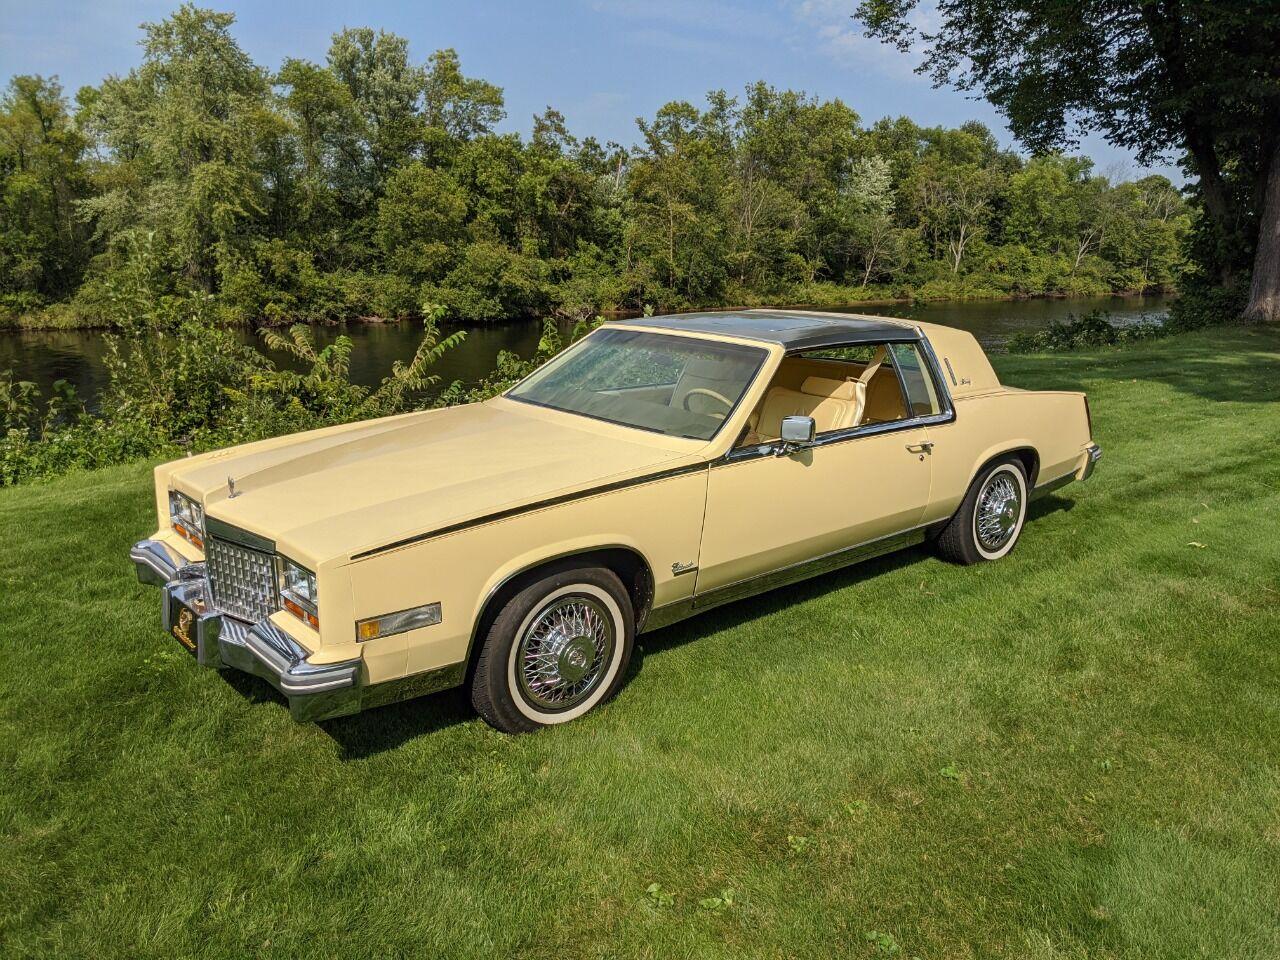 1980 Cadillac - 1980 Cadillac Eldorado Biarritz Stanley, WI